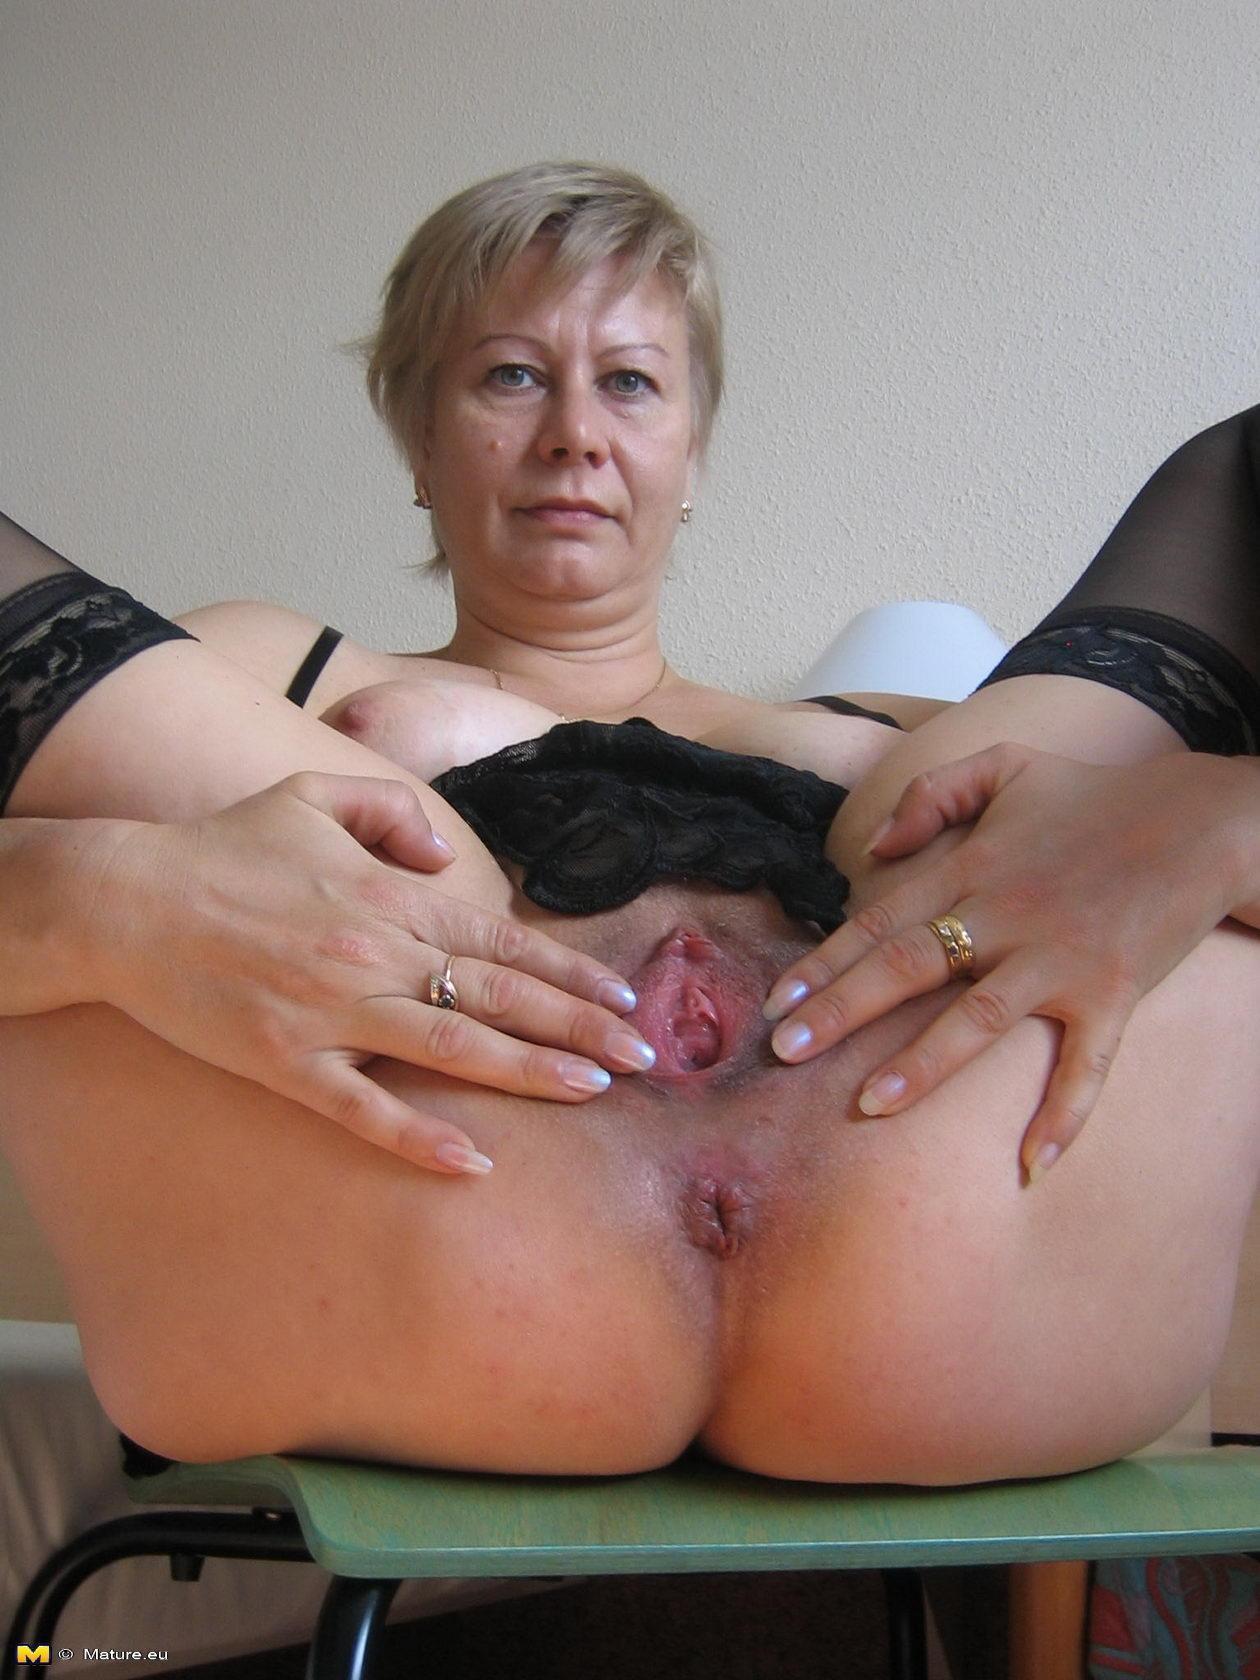 Смотреть порно как бабка довела себя до оргазма 6 фотография